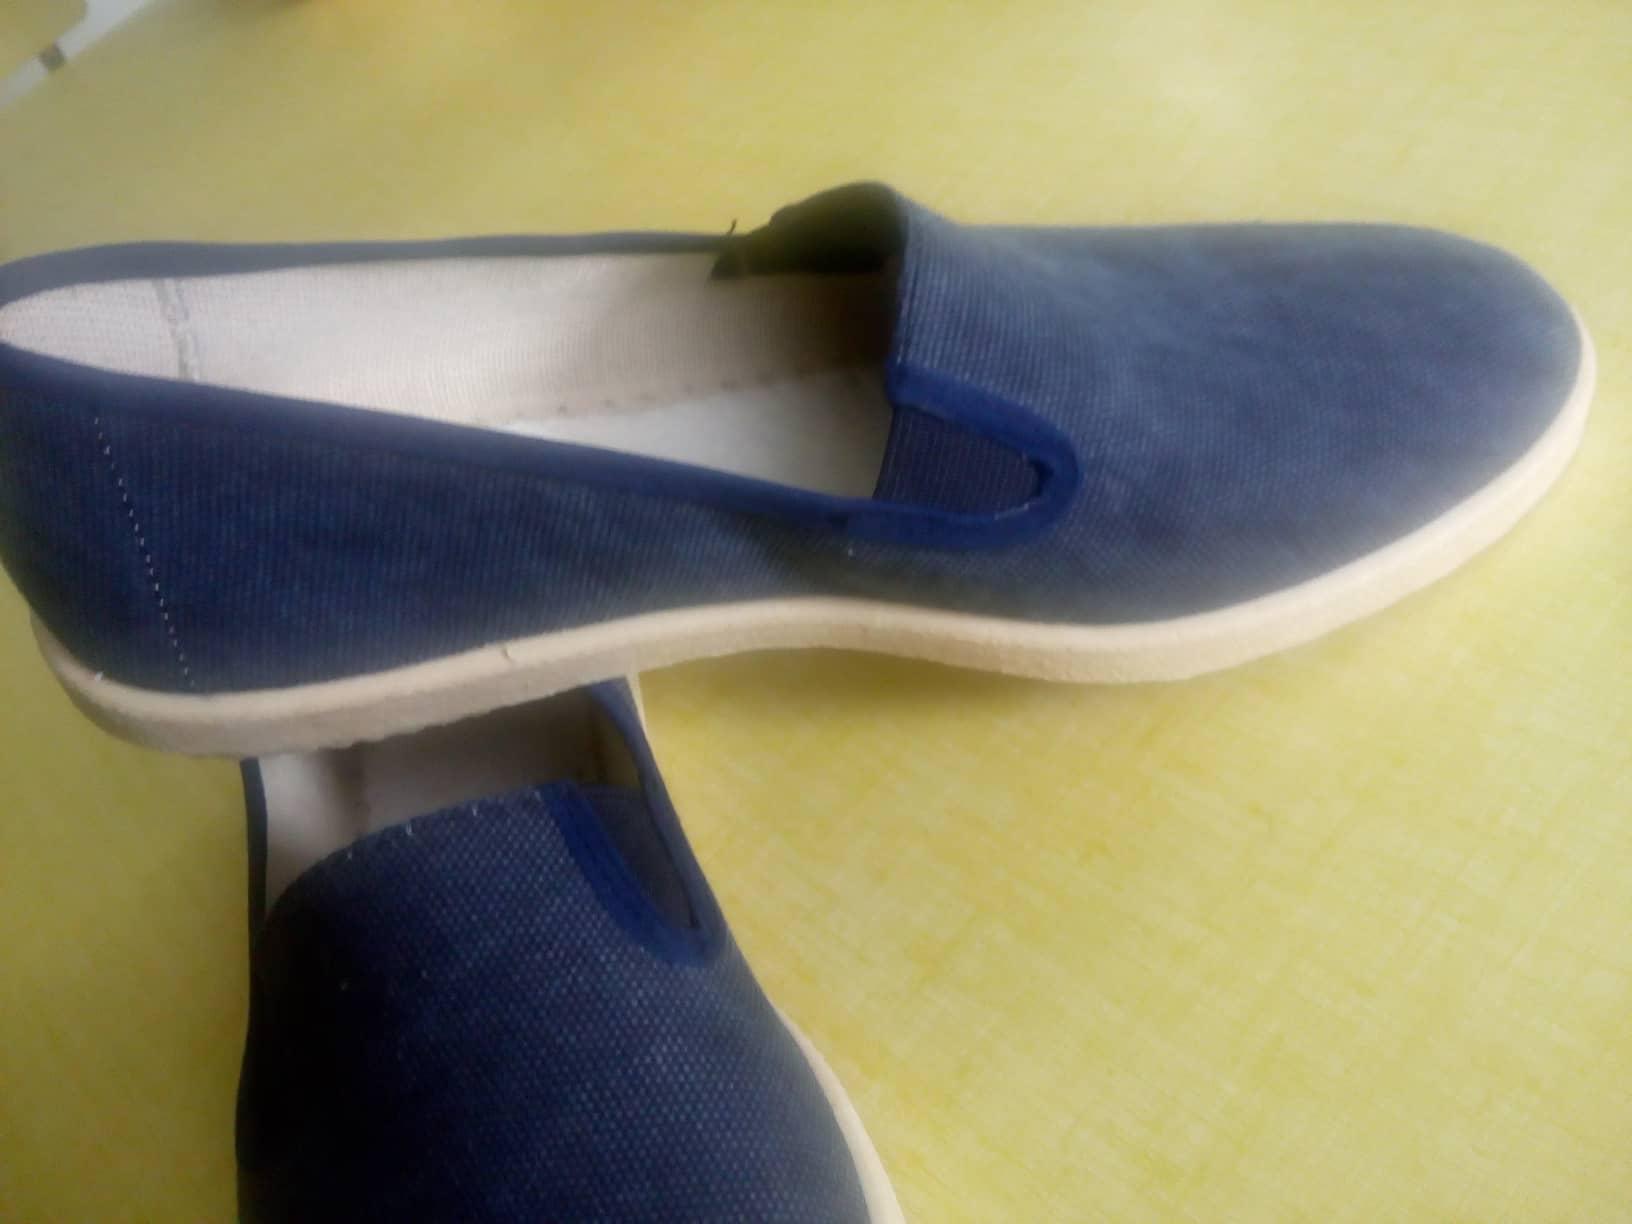 acheter en ligne d6809 968c5 Annonces Chaussures - Articles Divers ouedknisse algerie